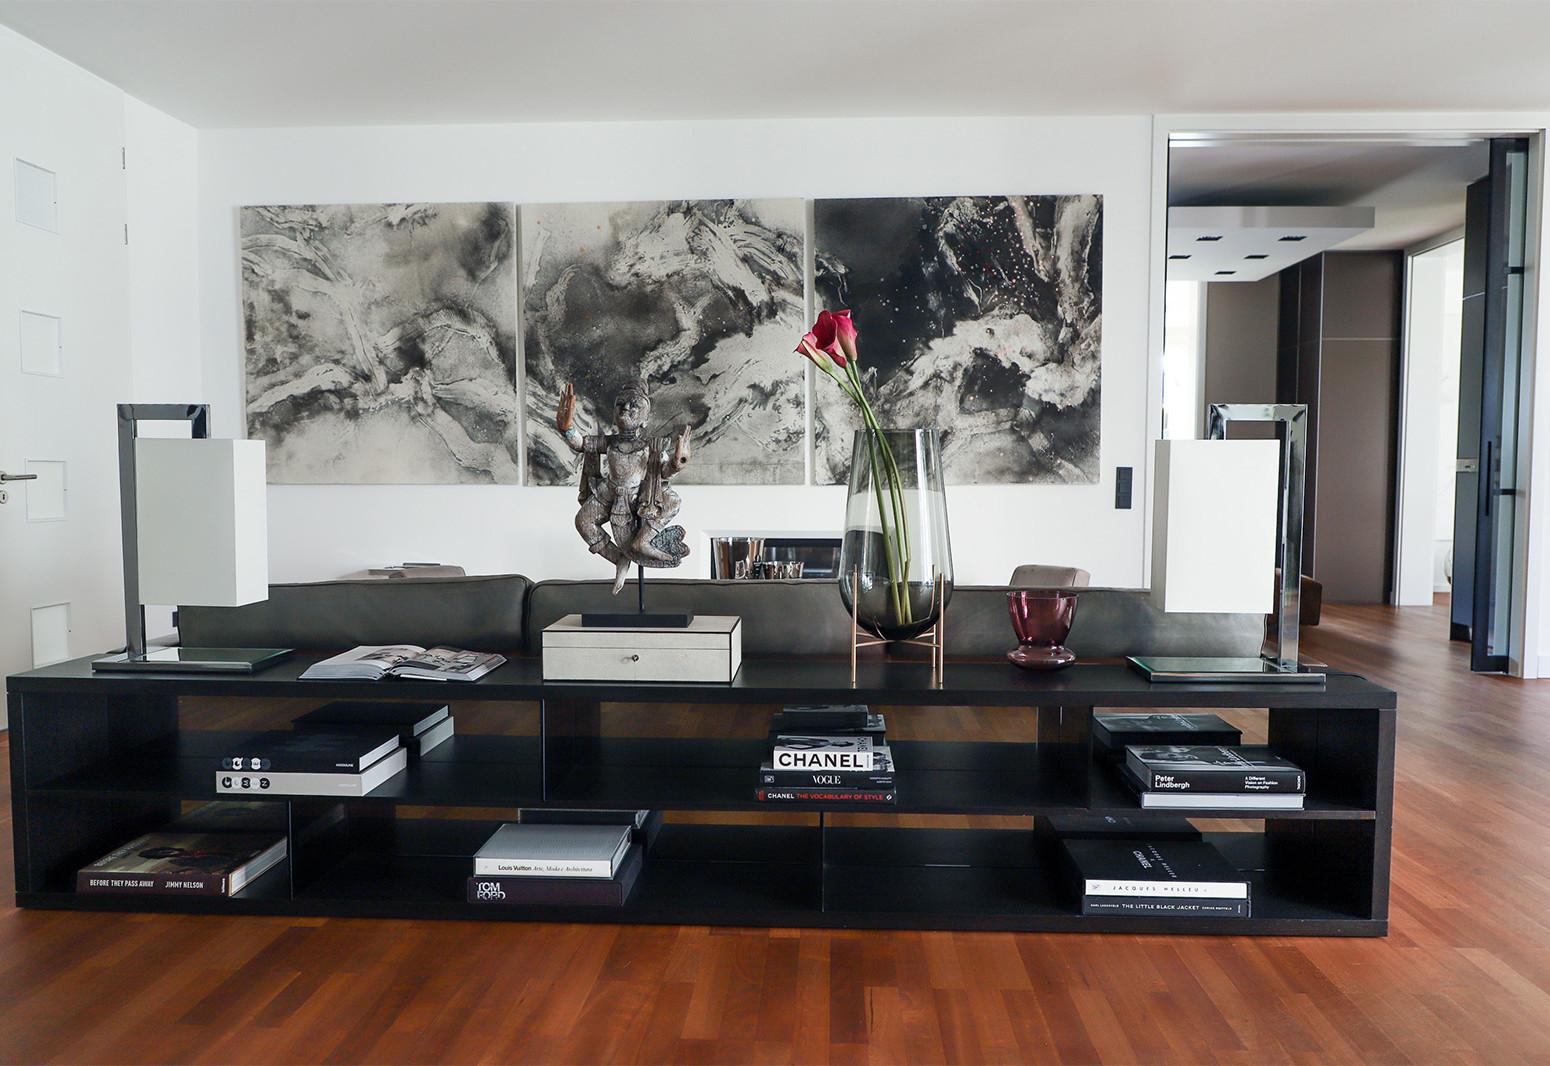 Stefanie Raum Wohnzimmer Sideboard Dekoration Raum Contemporary Interior